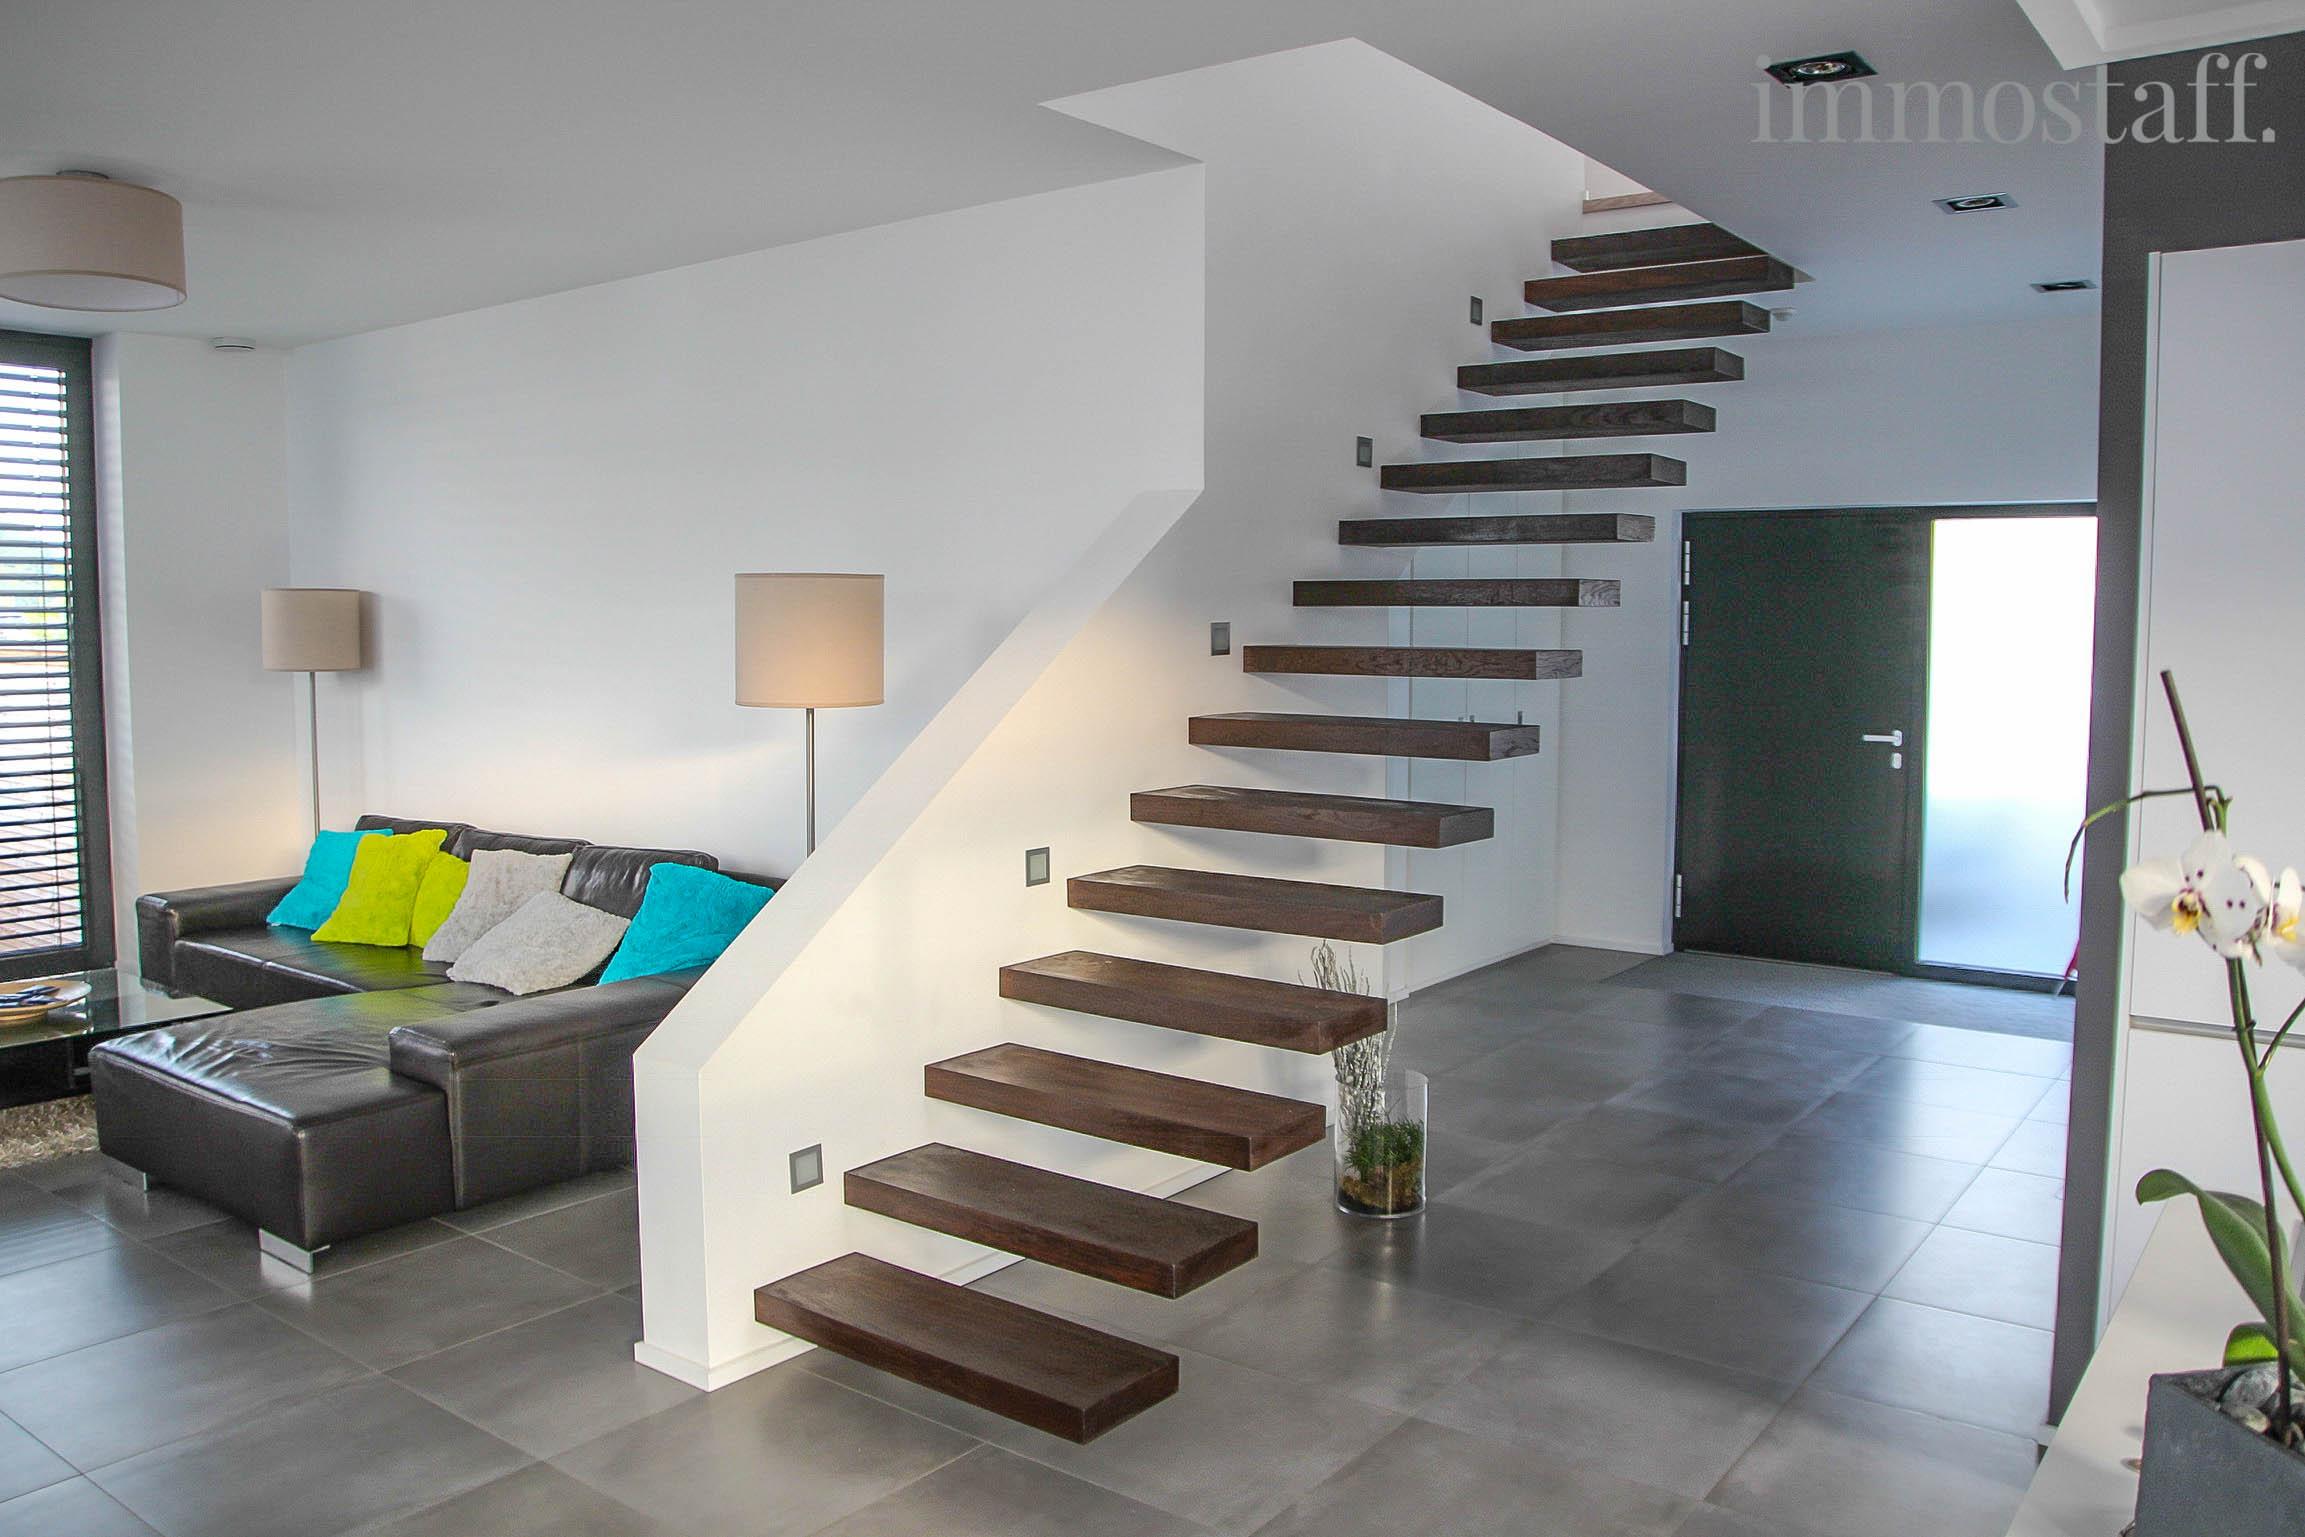 Inspirierend Schwebende Treppe Ideen Von Über Diese Immobilie: